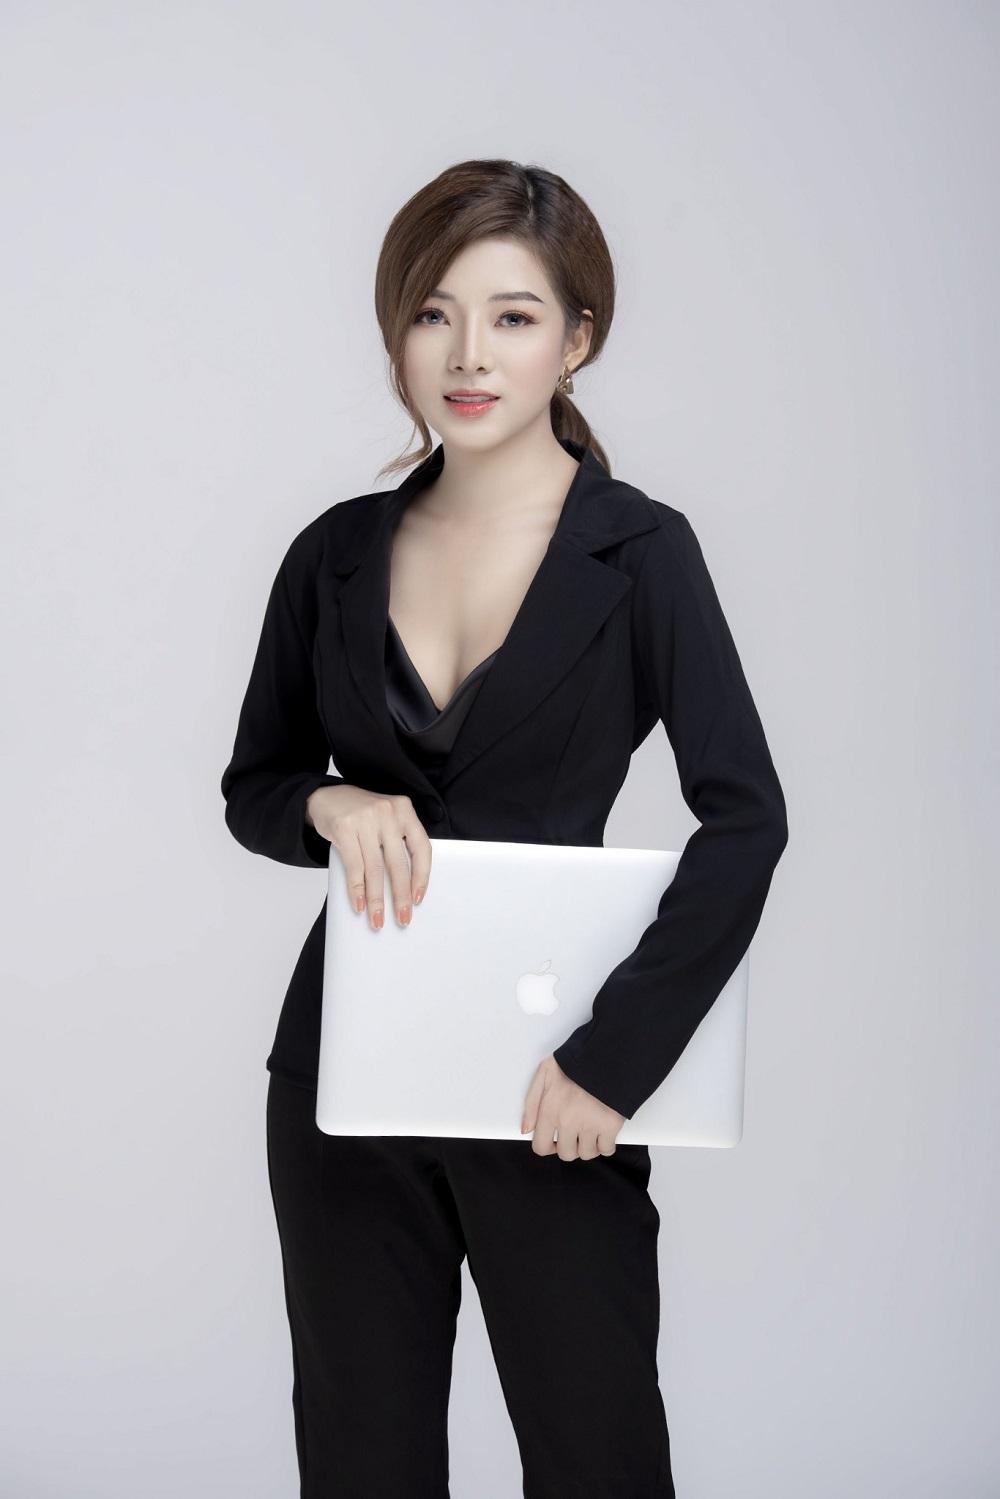 Nữ CEO trẻ mang thần thái vô cùng tự tin.